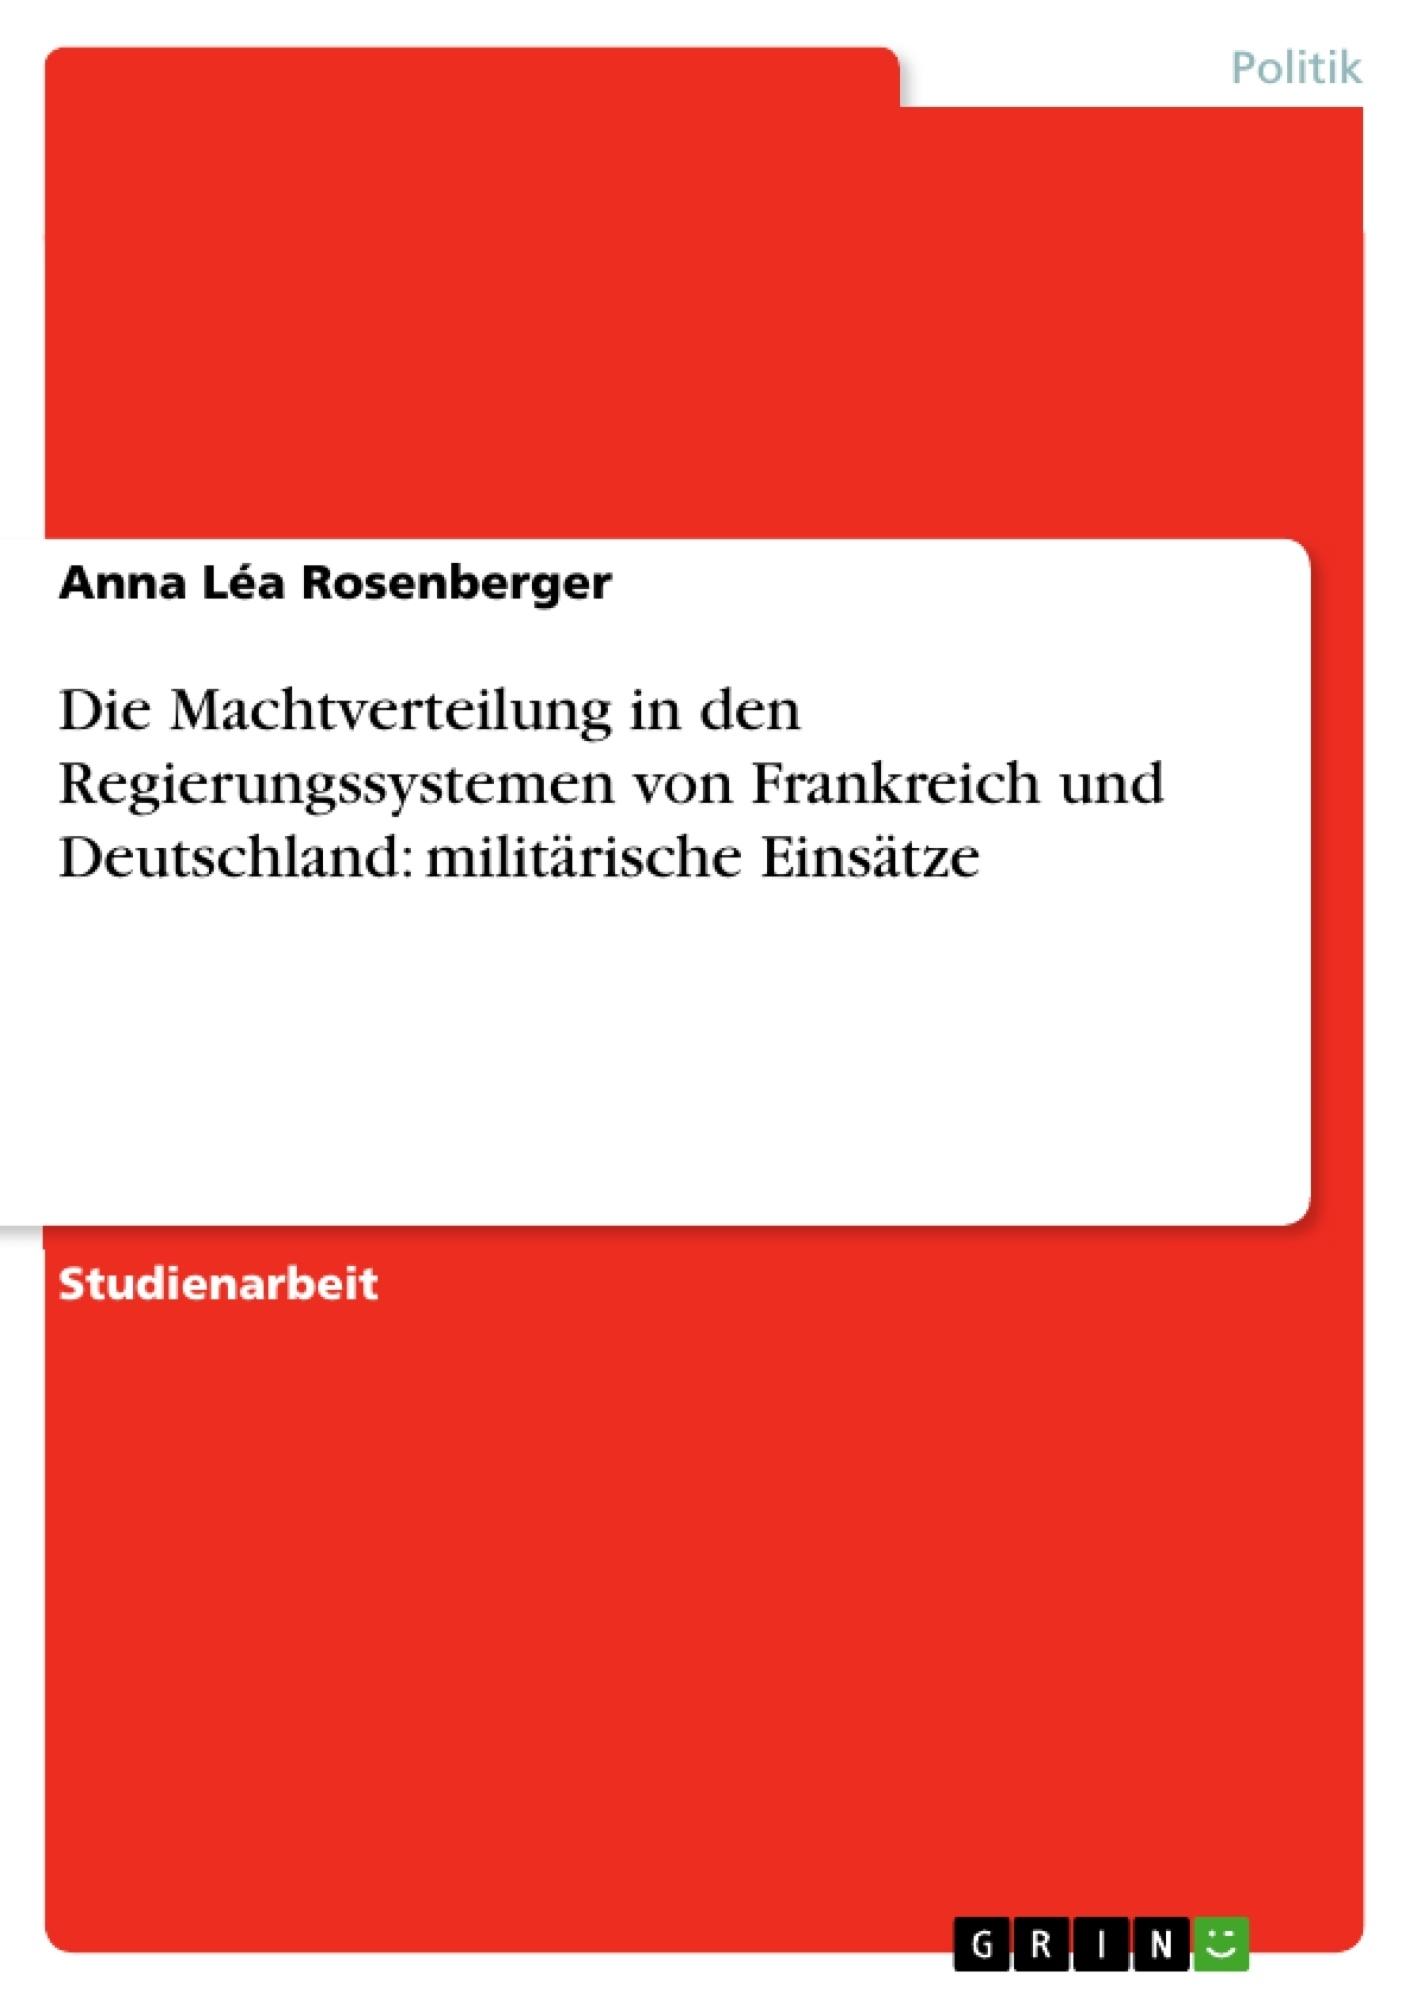 Titel: Die Machtverteilung in den Regierungssystemen von Frankreich und Deutschland: militärische Einsätze